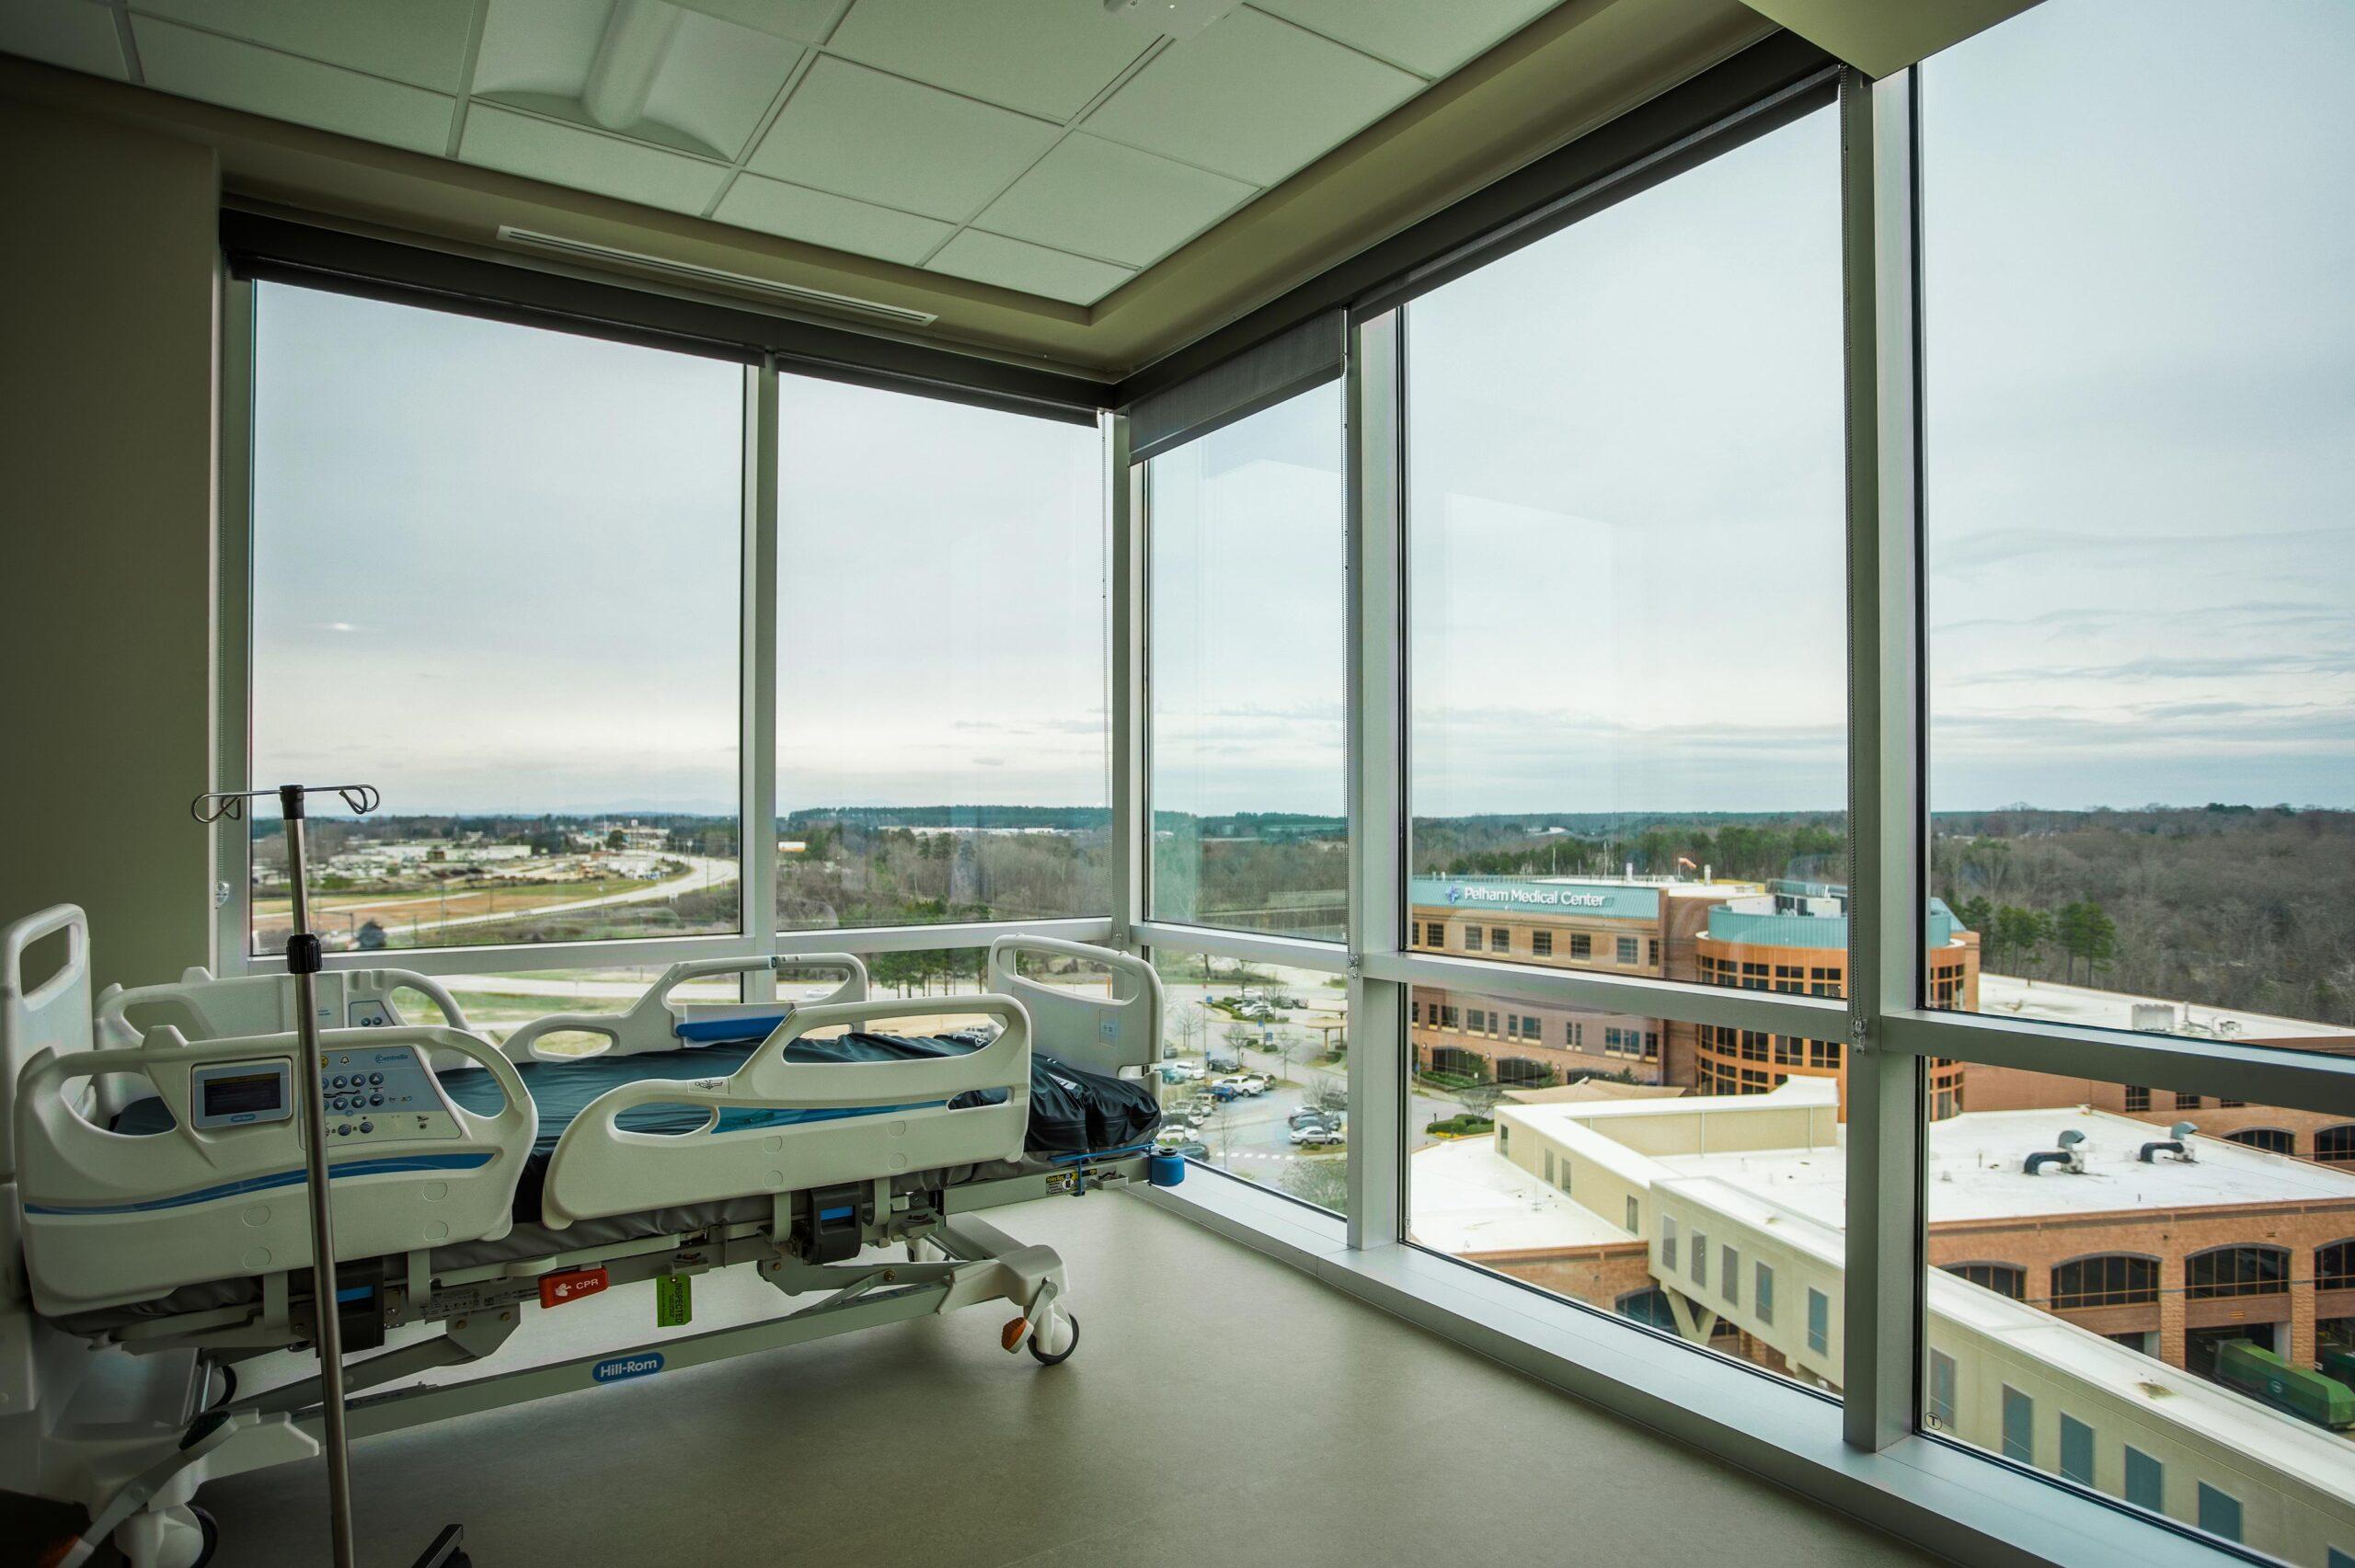 Gibbs Cancer Center